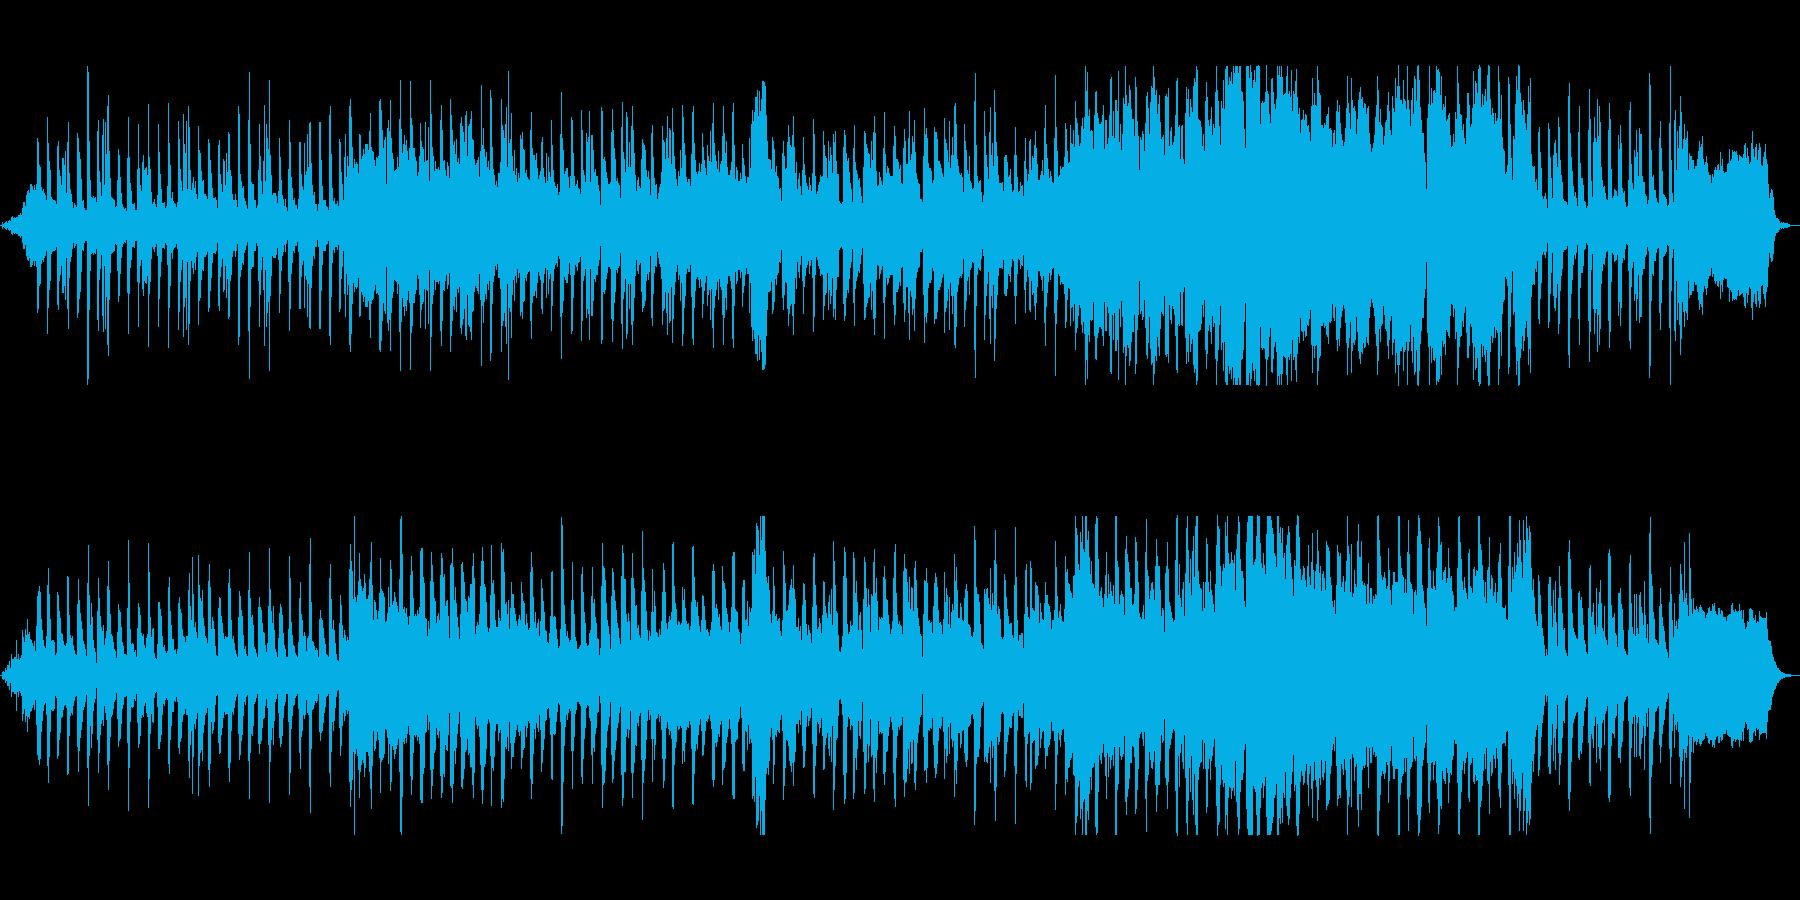 管楽器が繰り広げるハーモニーの再生済みの波形